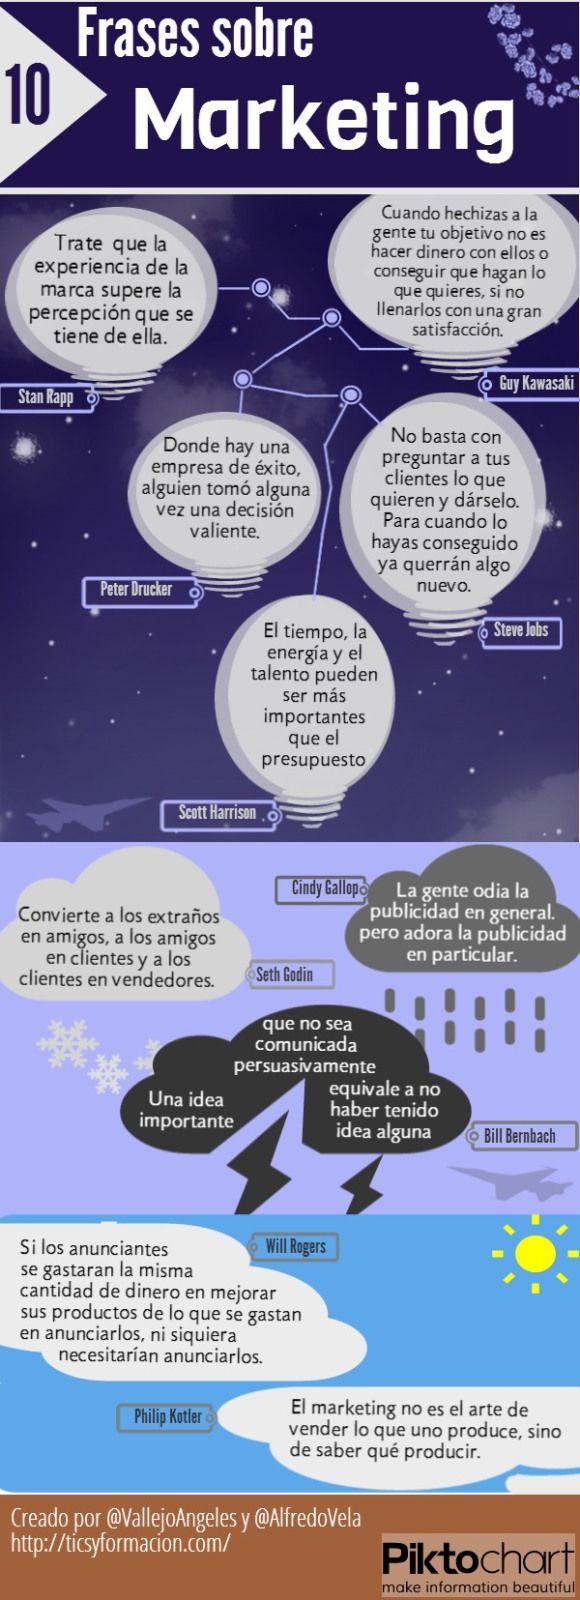 10 Frases sobre Marketing. #Infografía en español